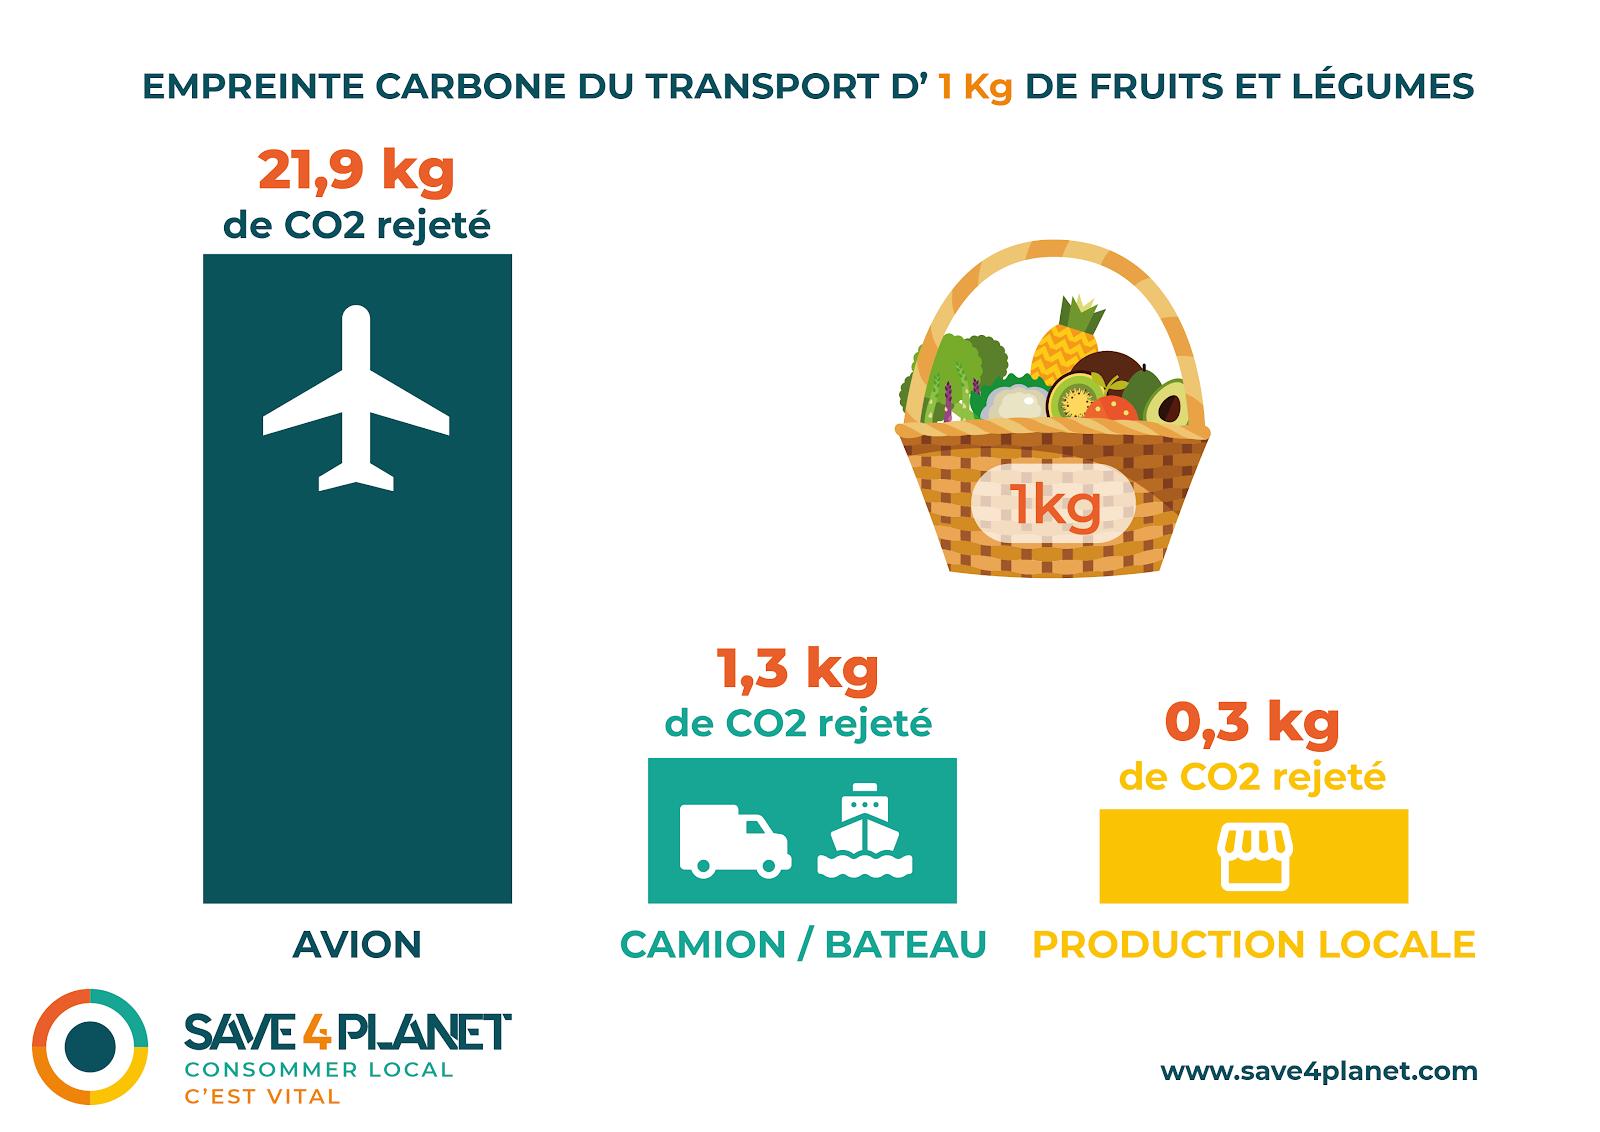 Image empreinte carbone transport 1 Kg de fruits et legumes schéma